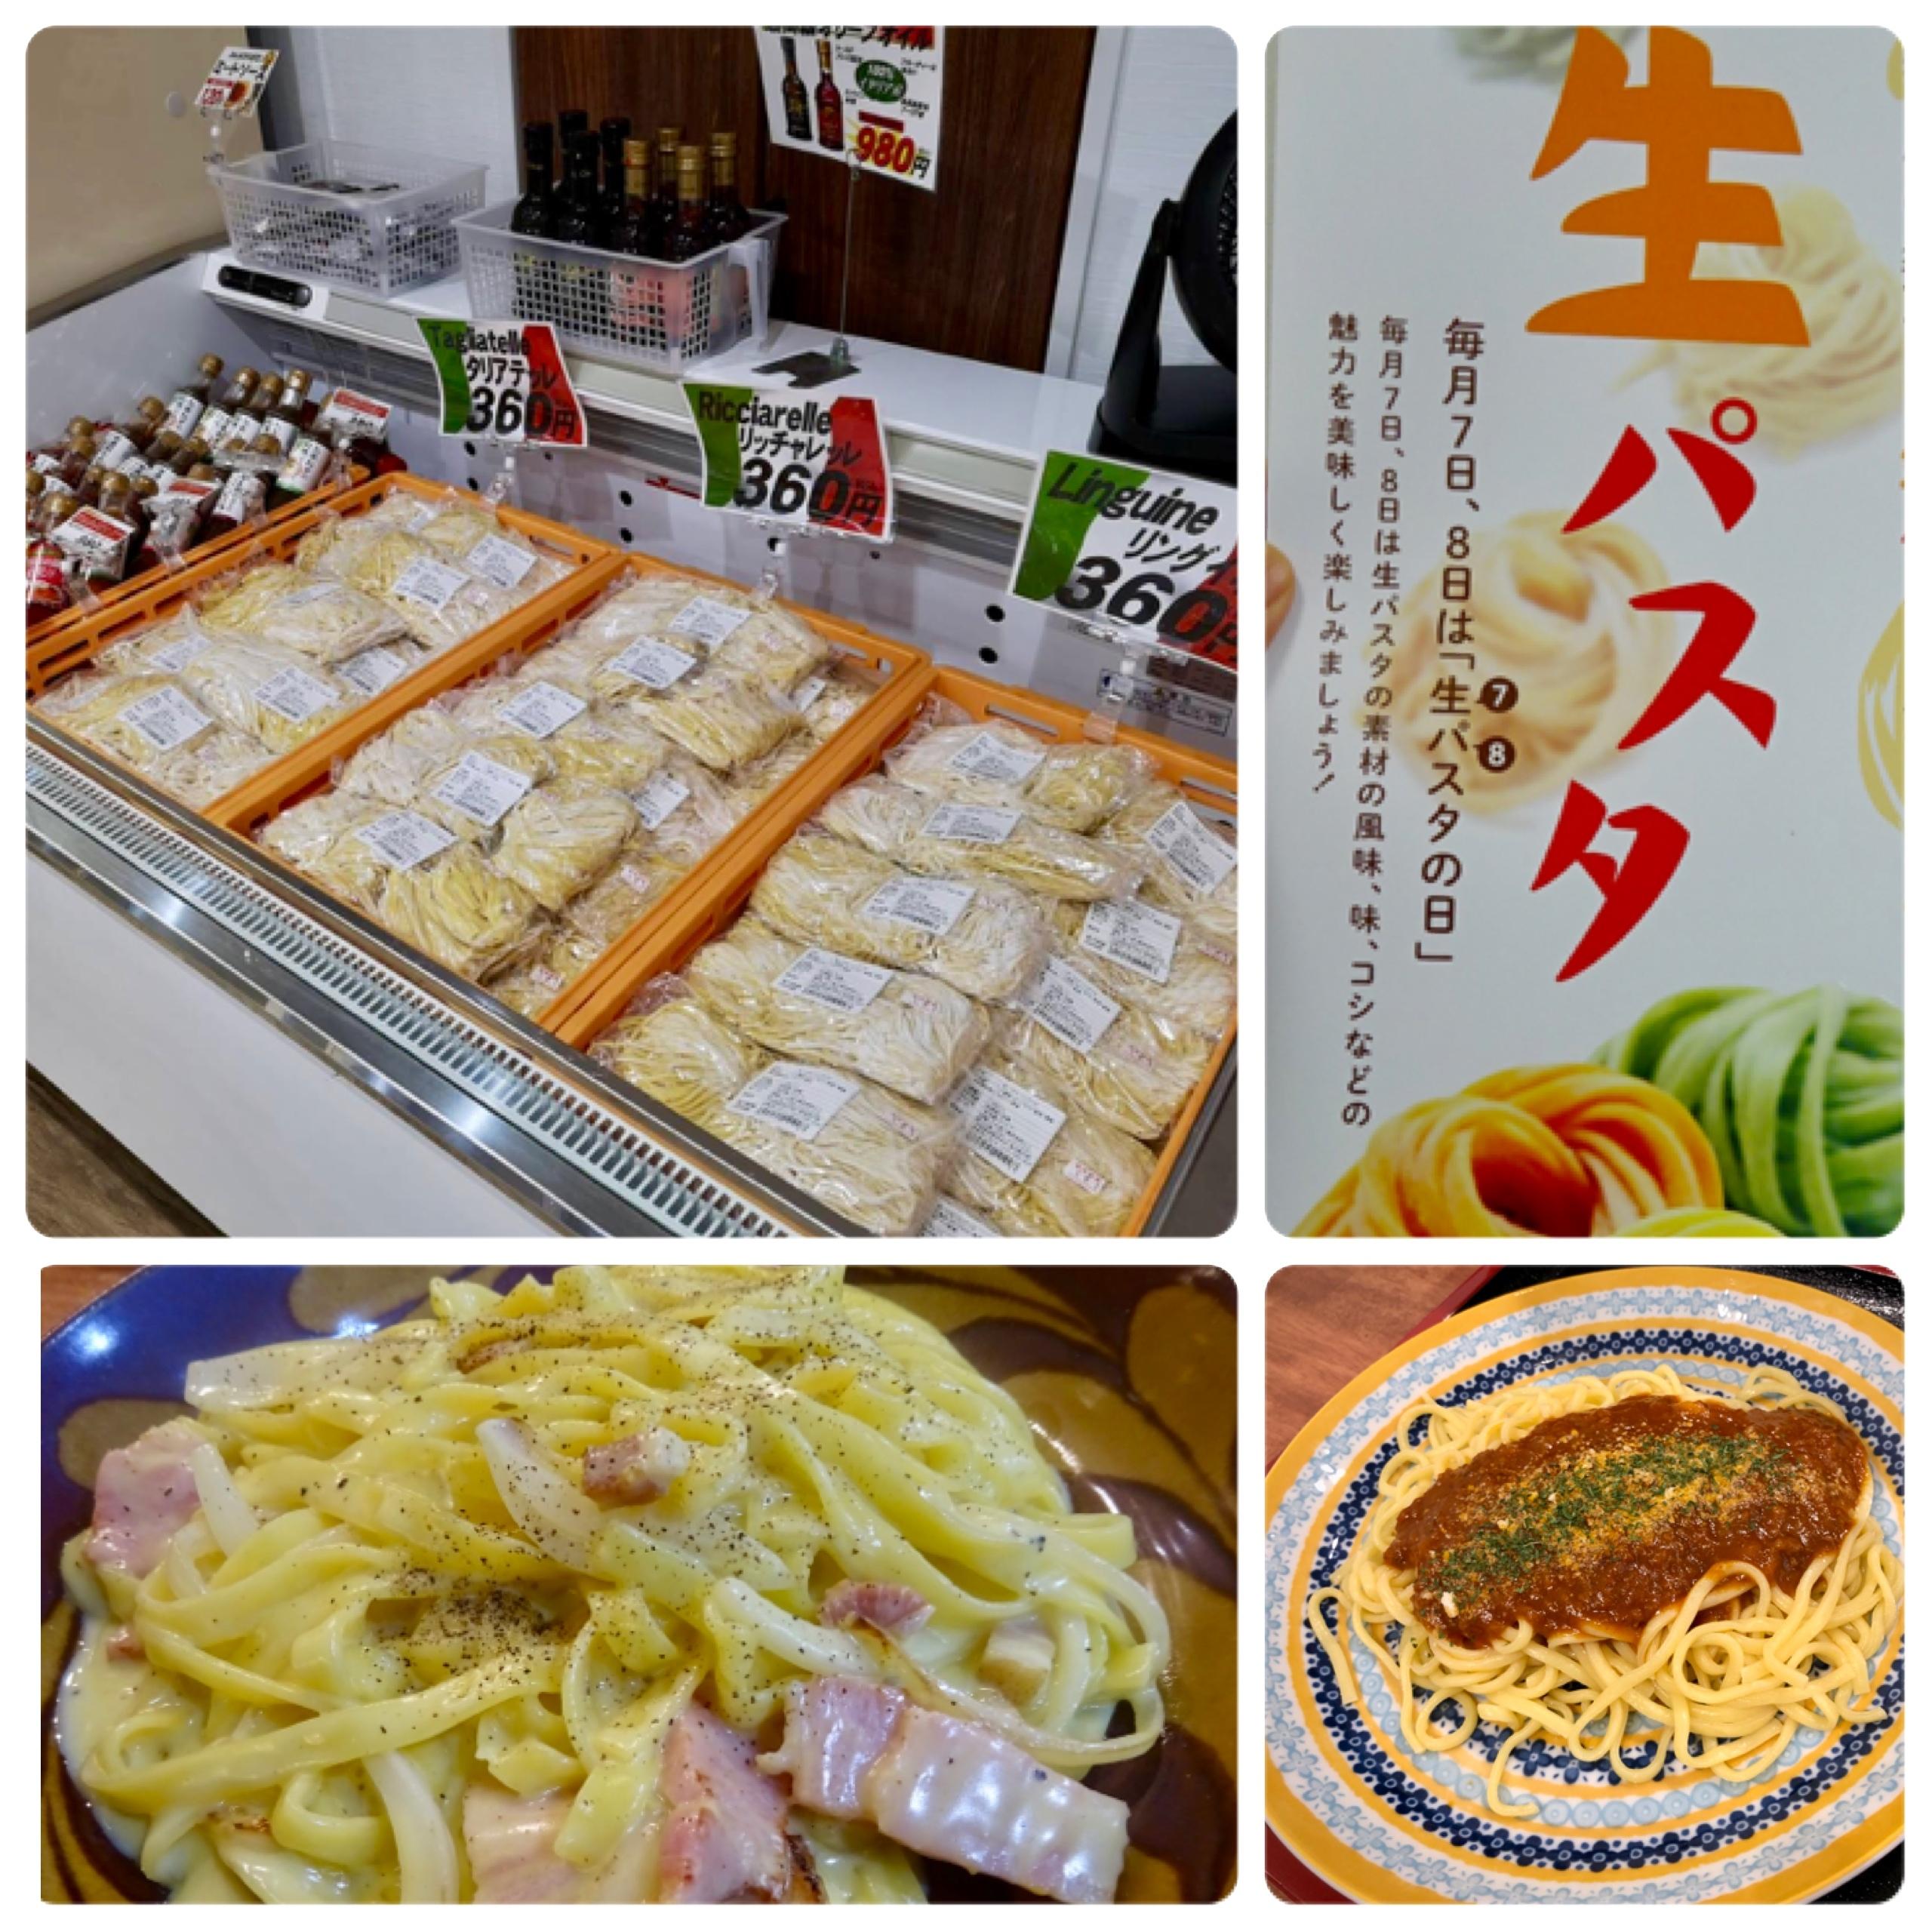 麺テイスティング・カフェショップ MENSTA生パスタの日